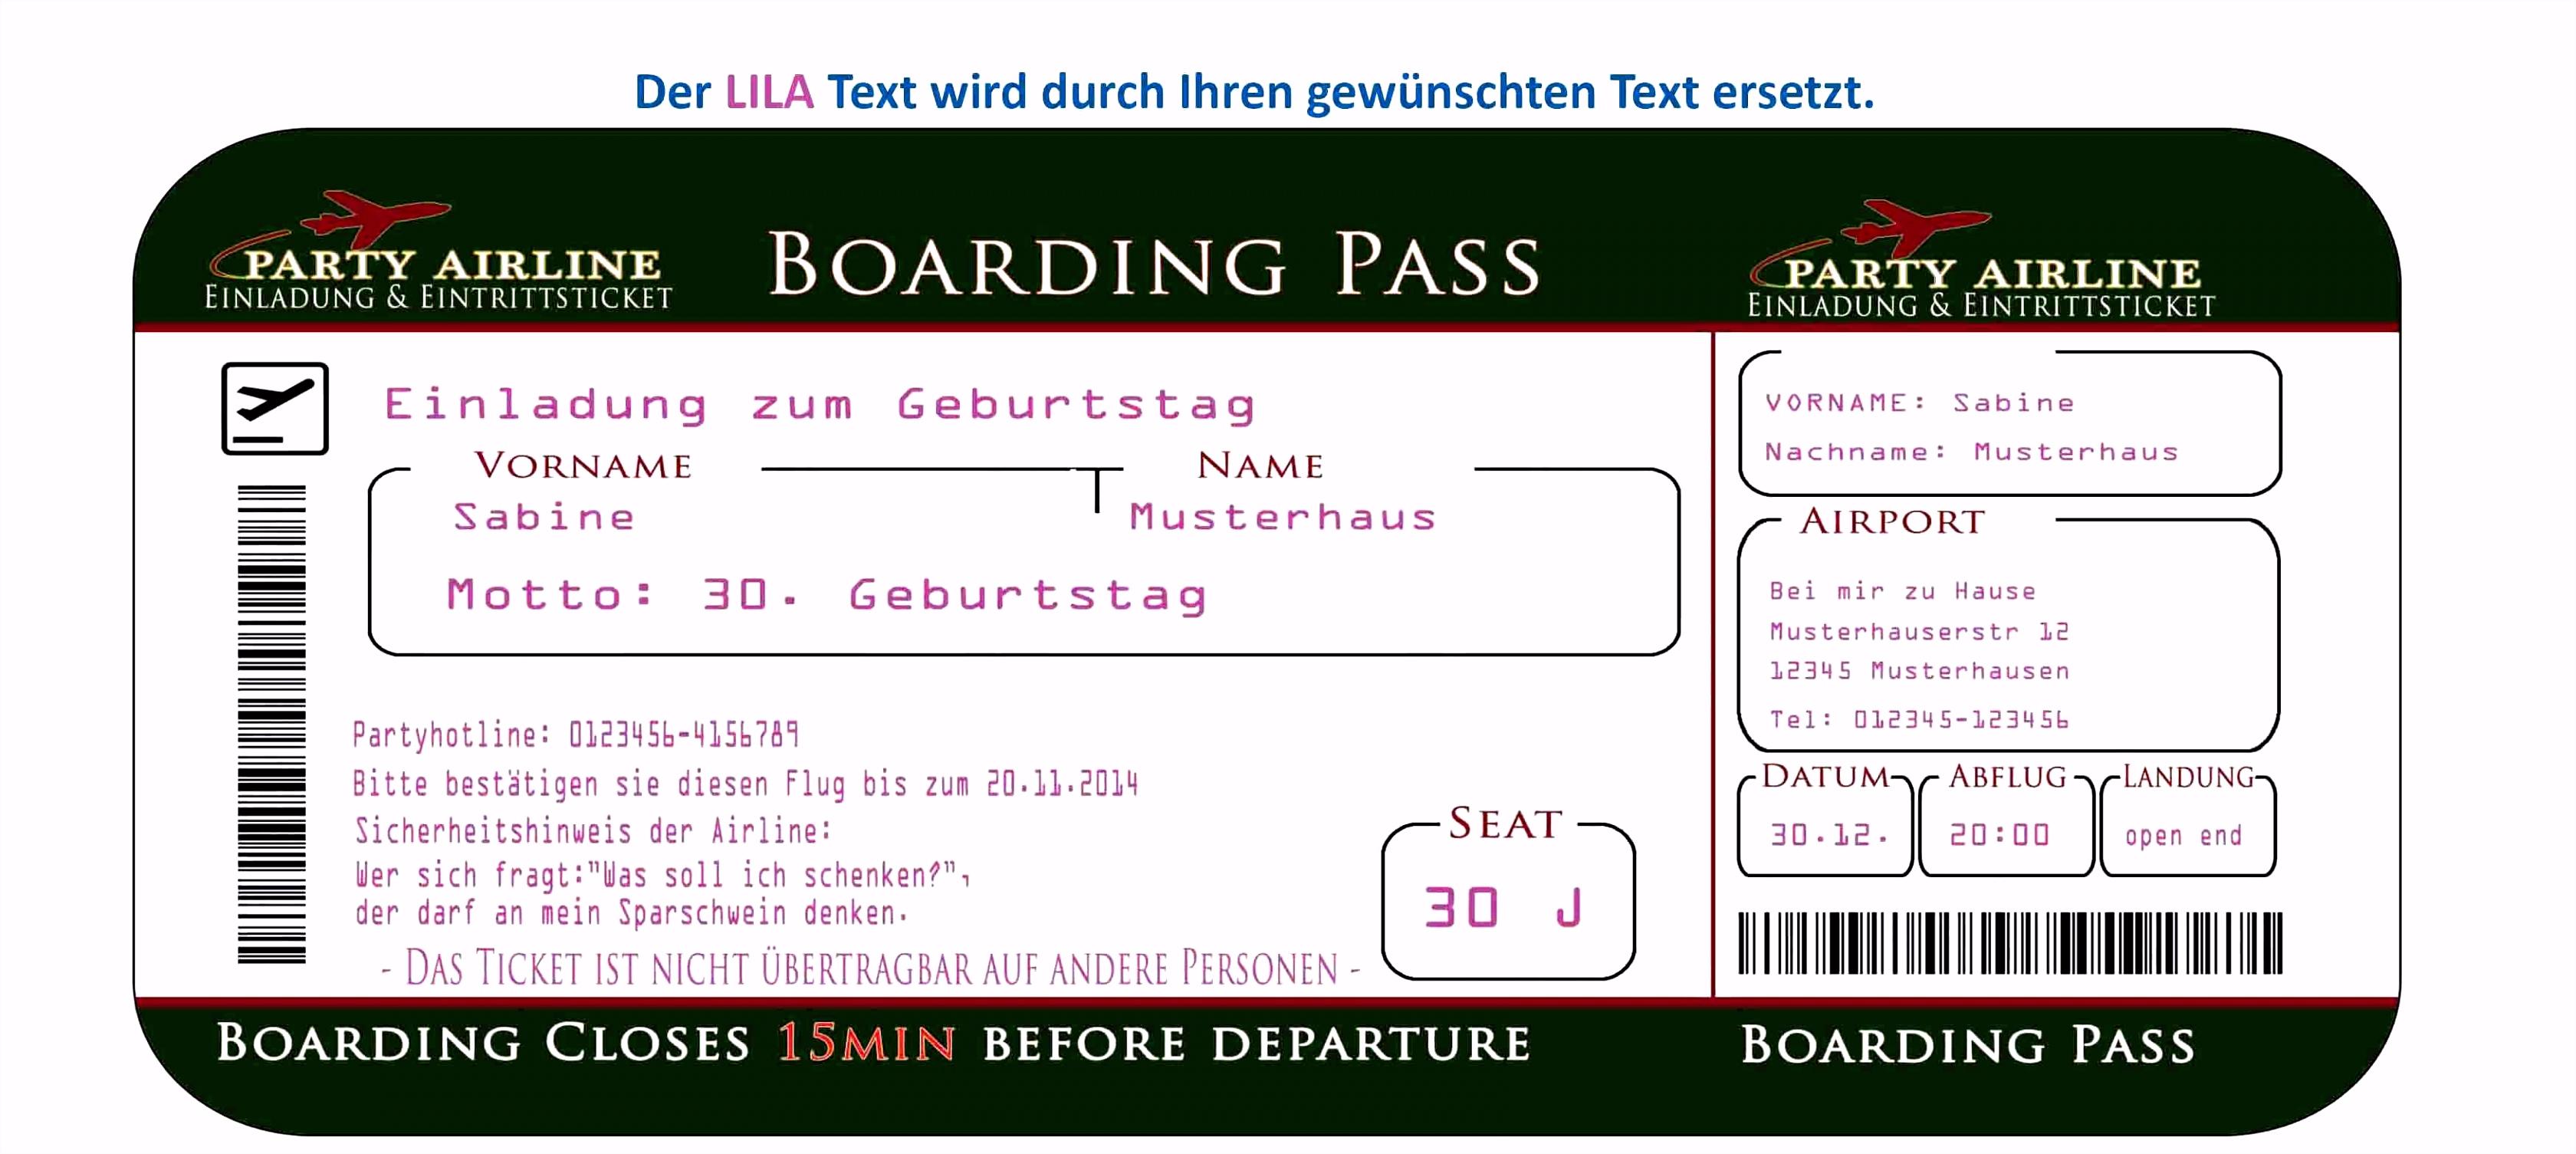 Handy Vorlage Einladung Silberhochzeit Vorlage Elegant Muster Einladungskarten E1rj56kfu5 Cumdmuukku